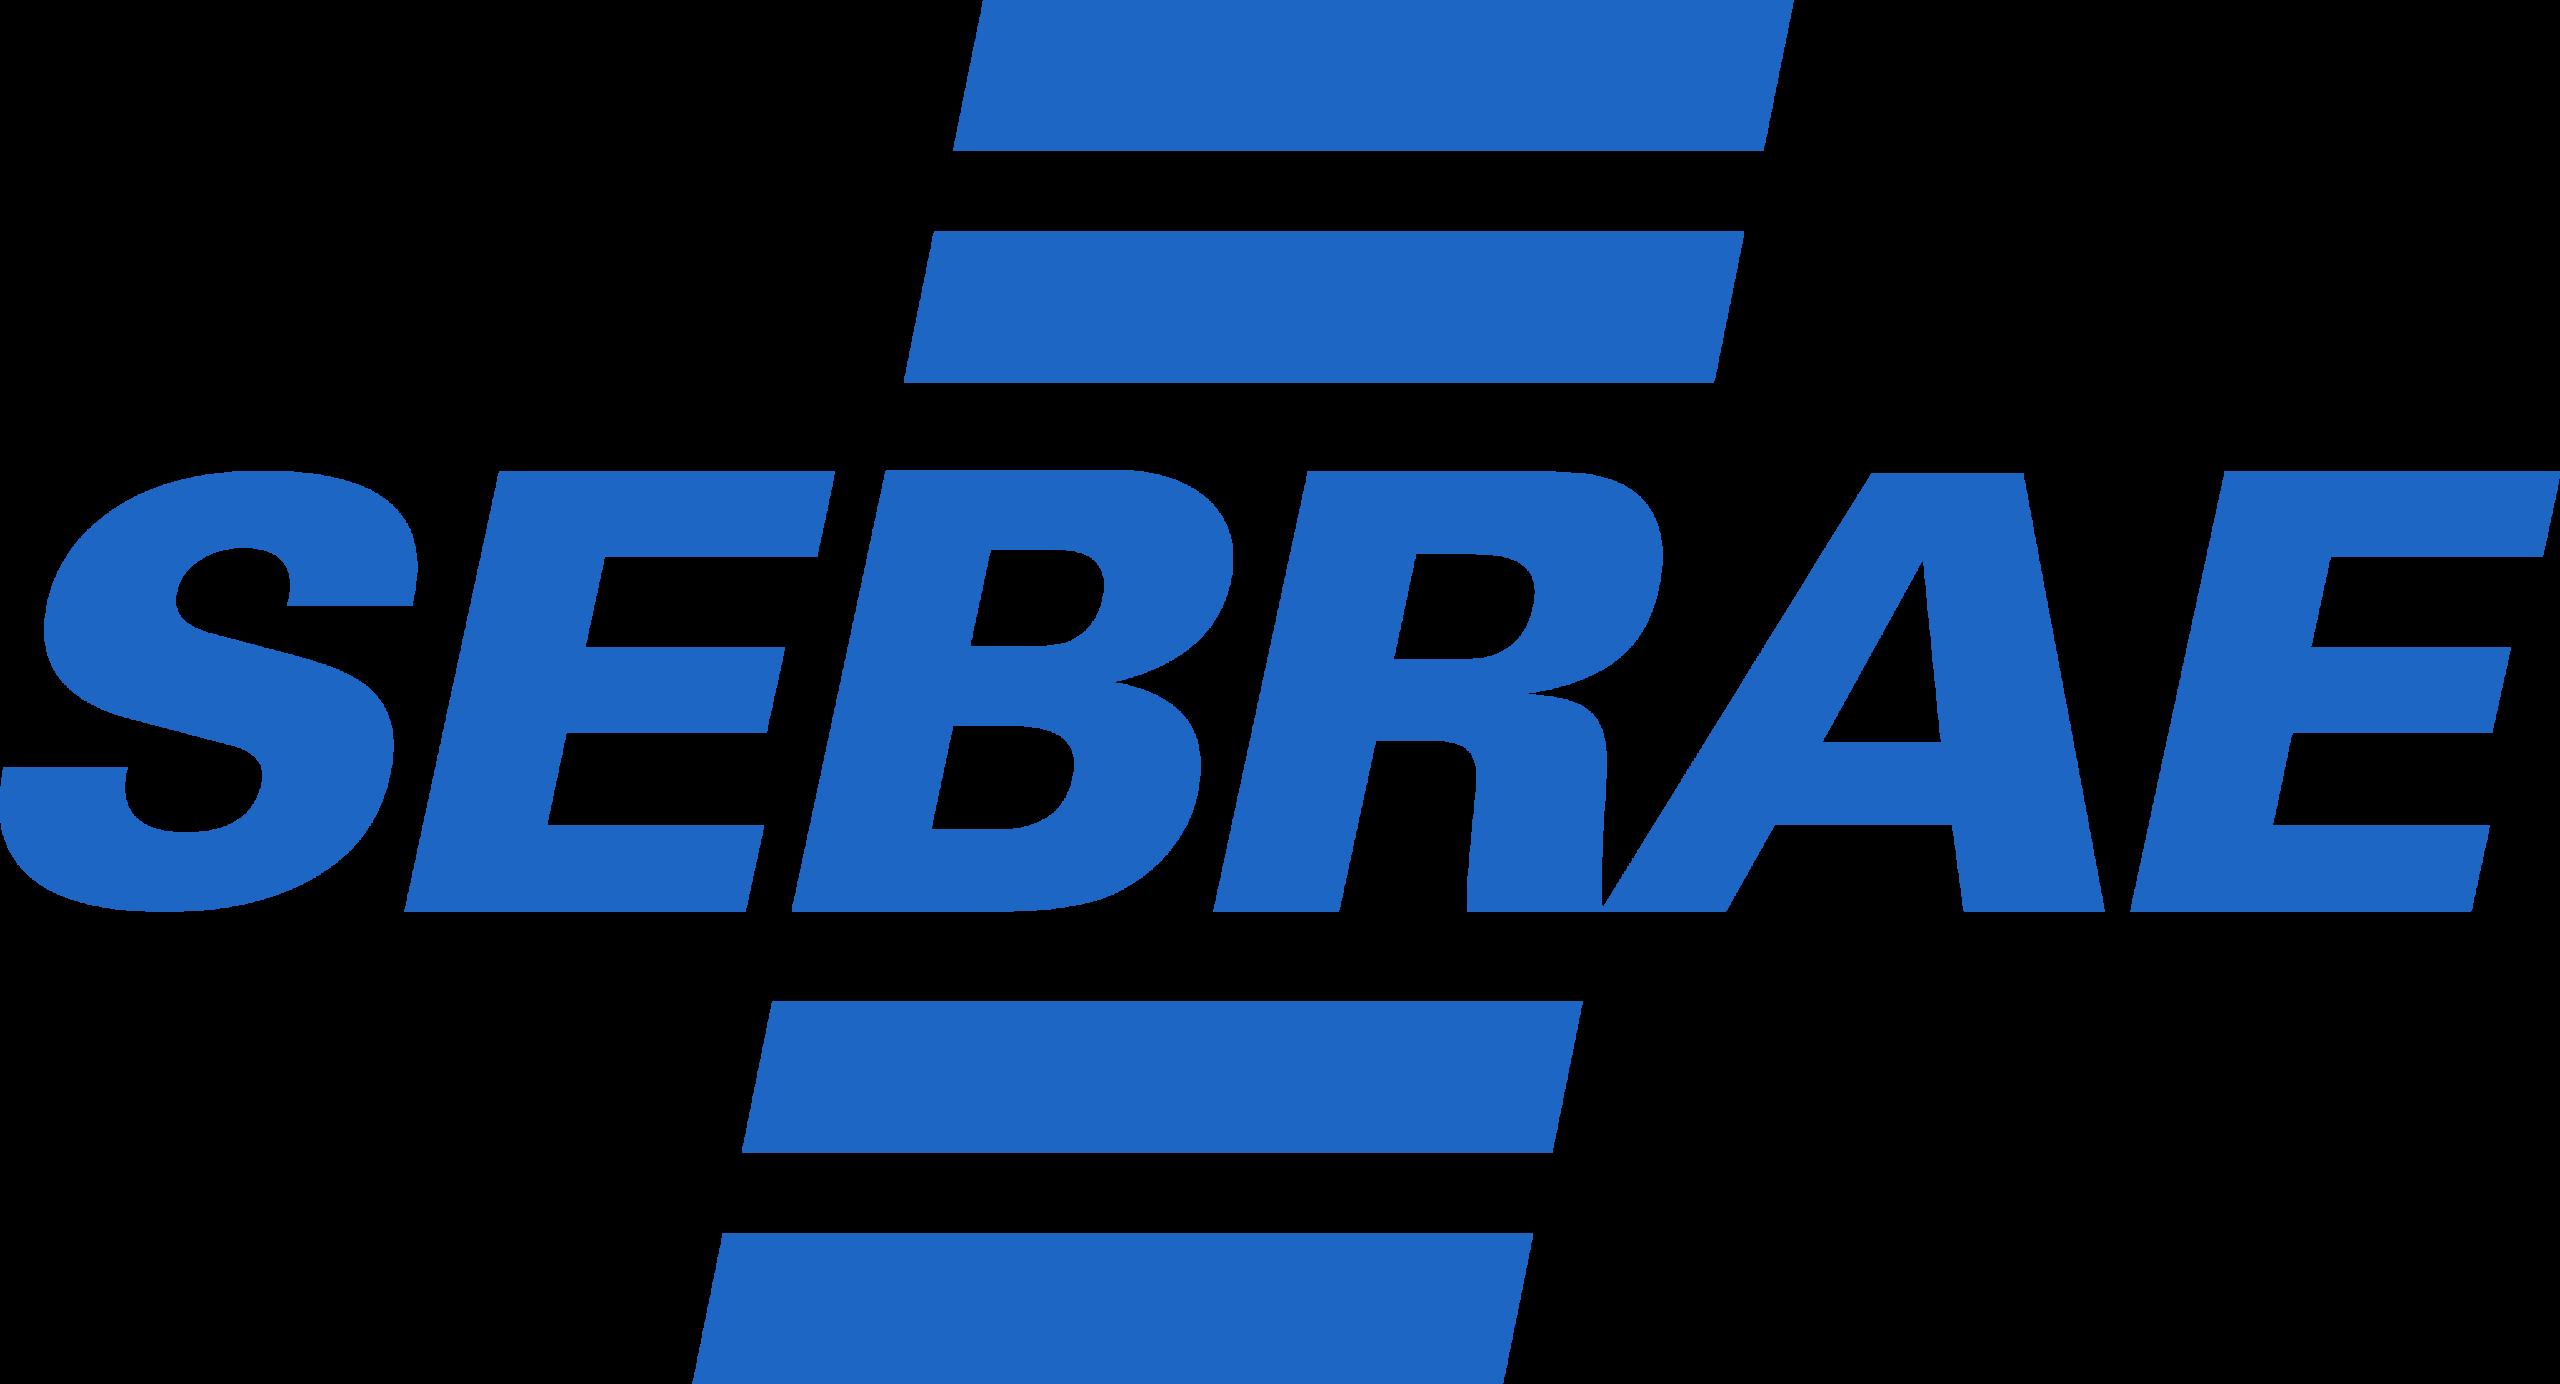 sebrae-logo-1